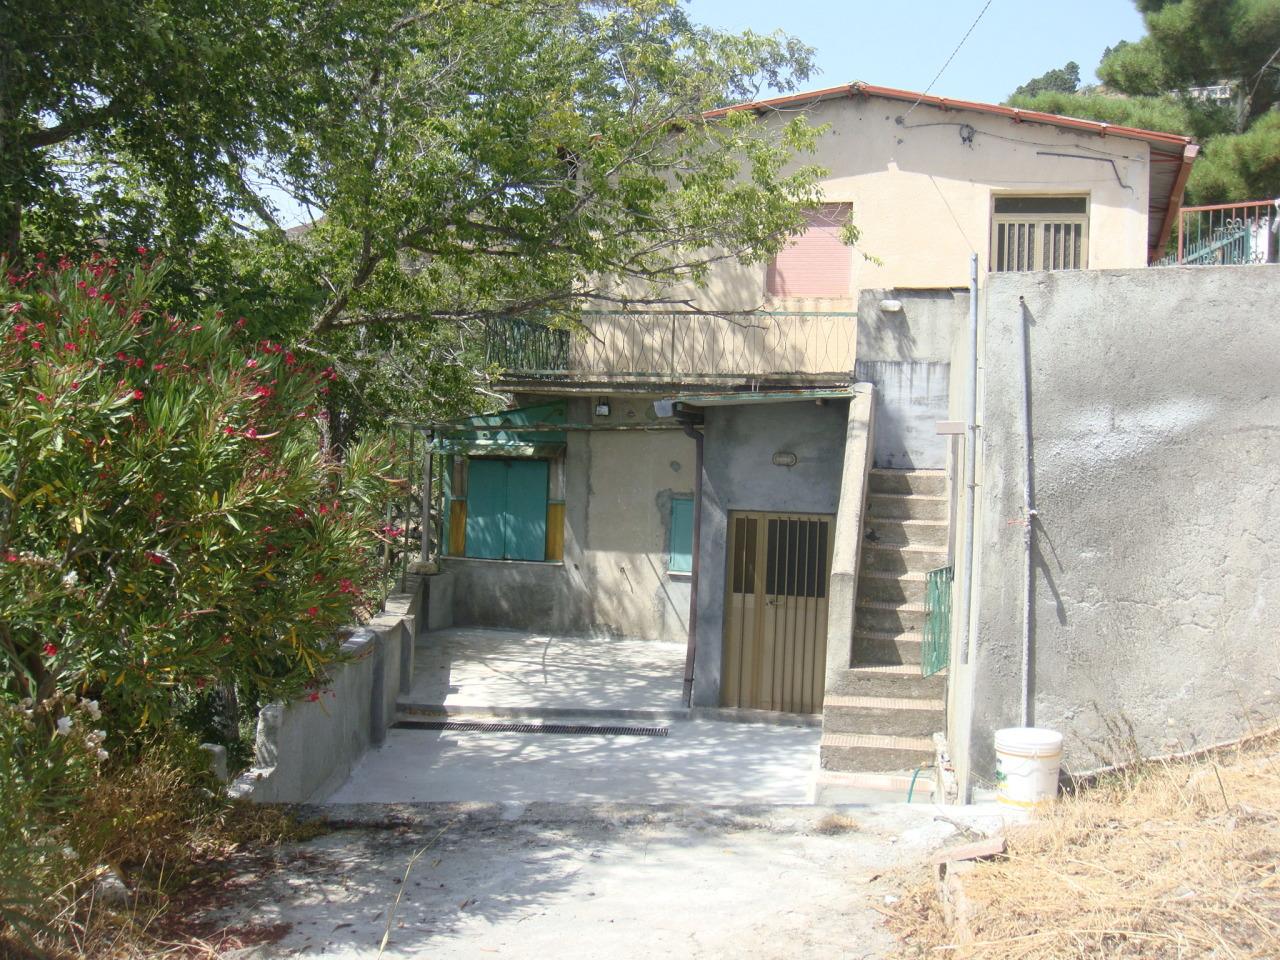 Appartamento in vendita a Bova, 3 locali, prezzo € 20.000 | CambioCasa.it